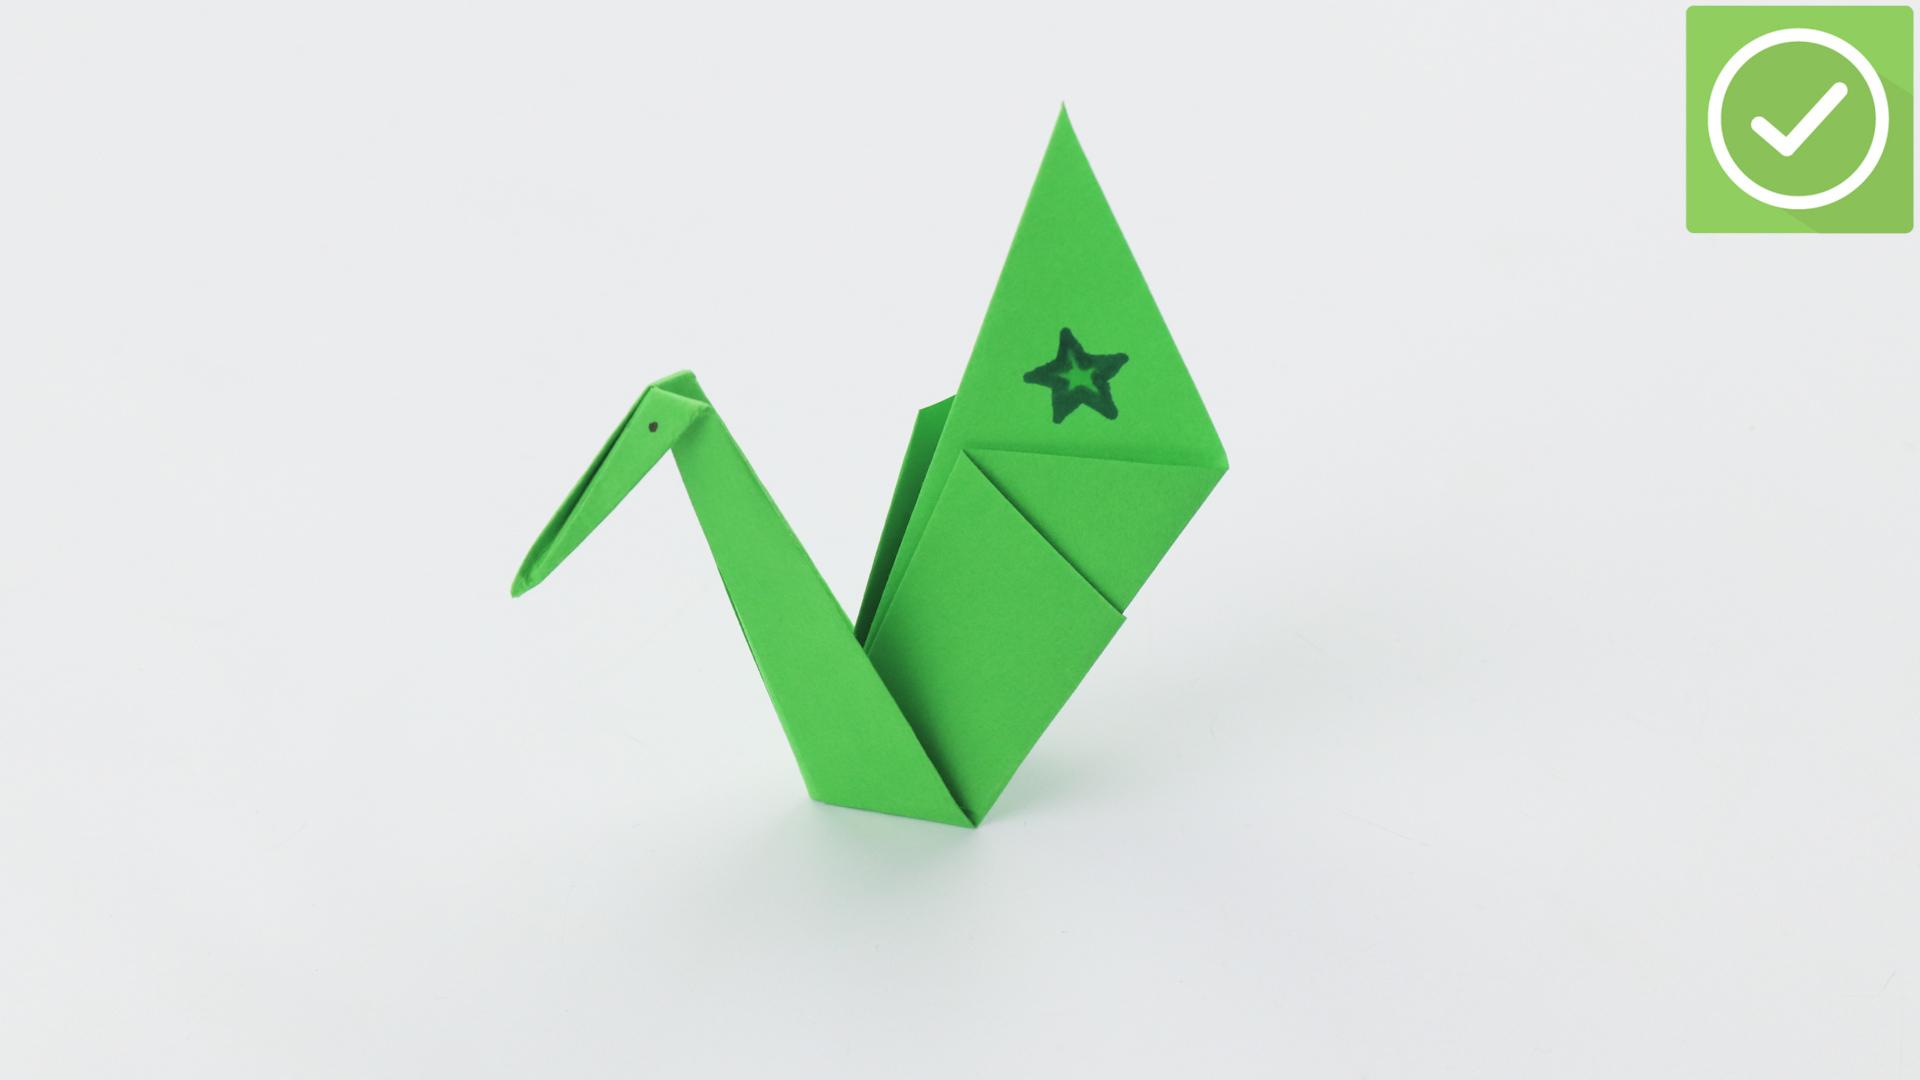 Comment Faire Un Cygne En Origami: 13 Étapes à Origami Canard